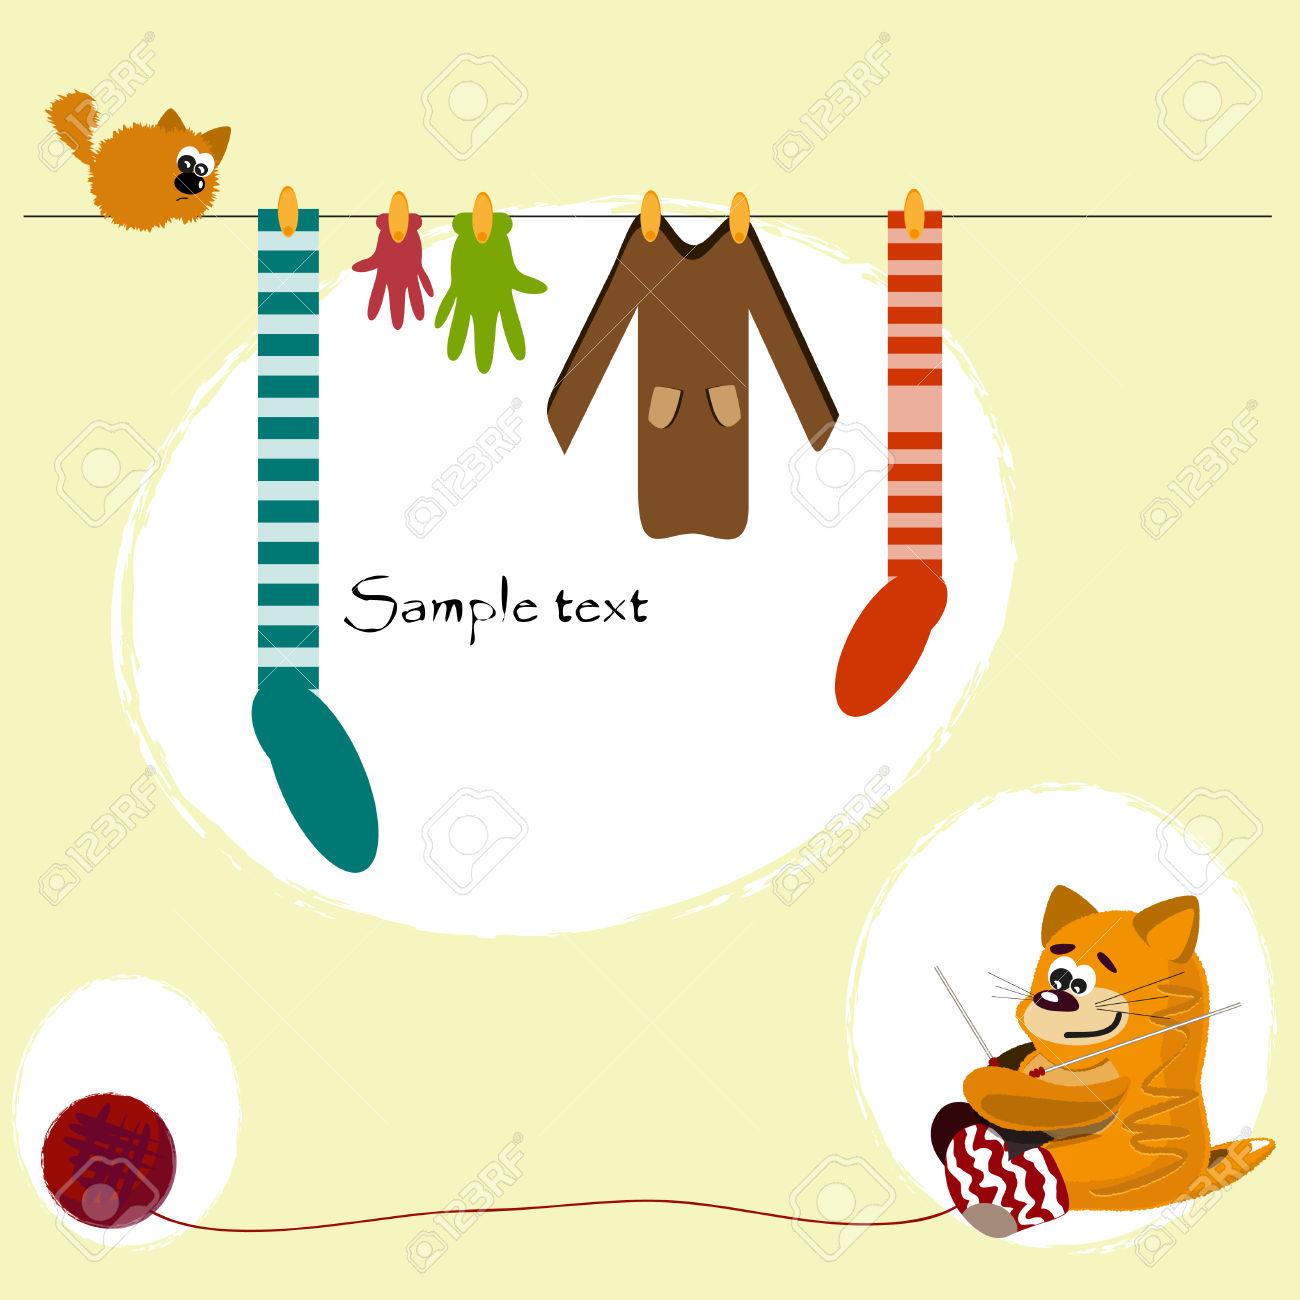 Knit socks clipart #6